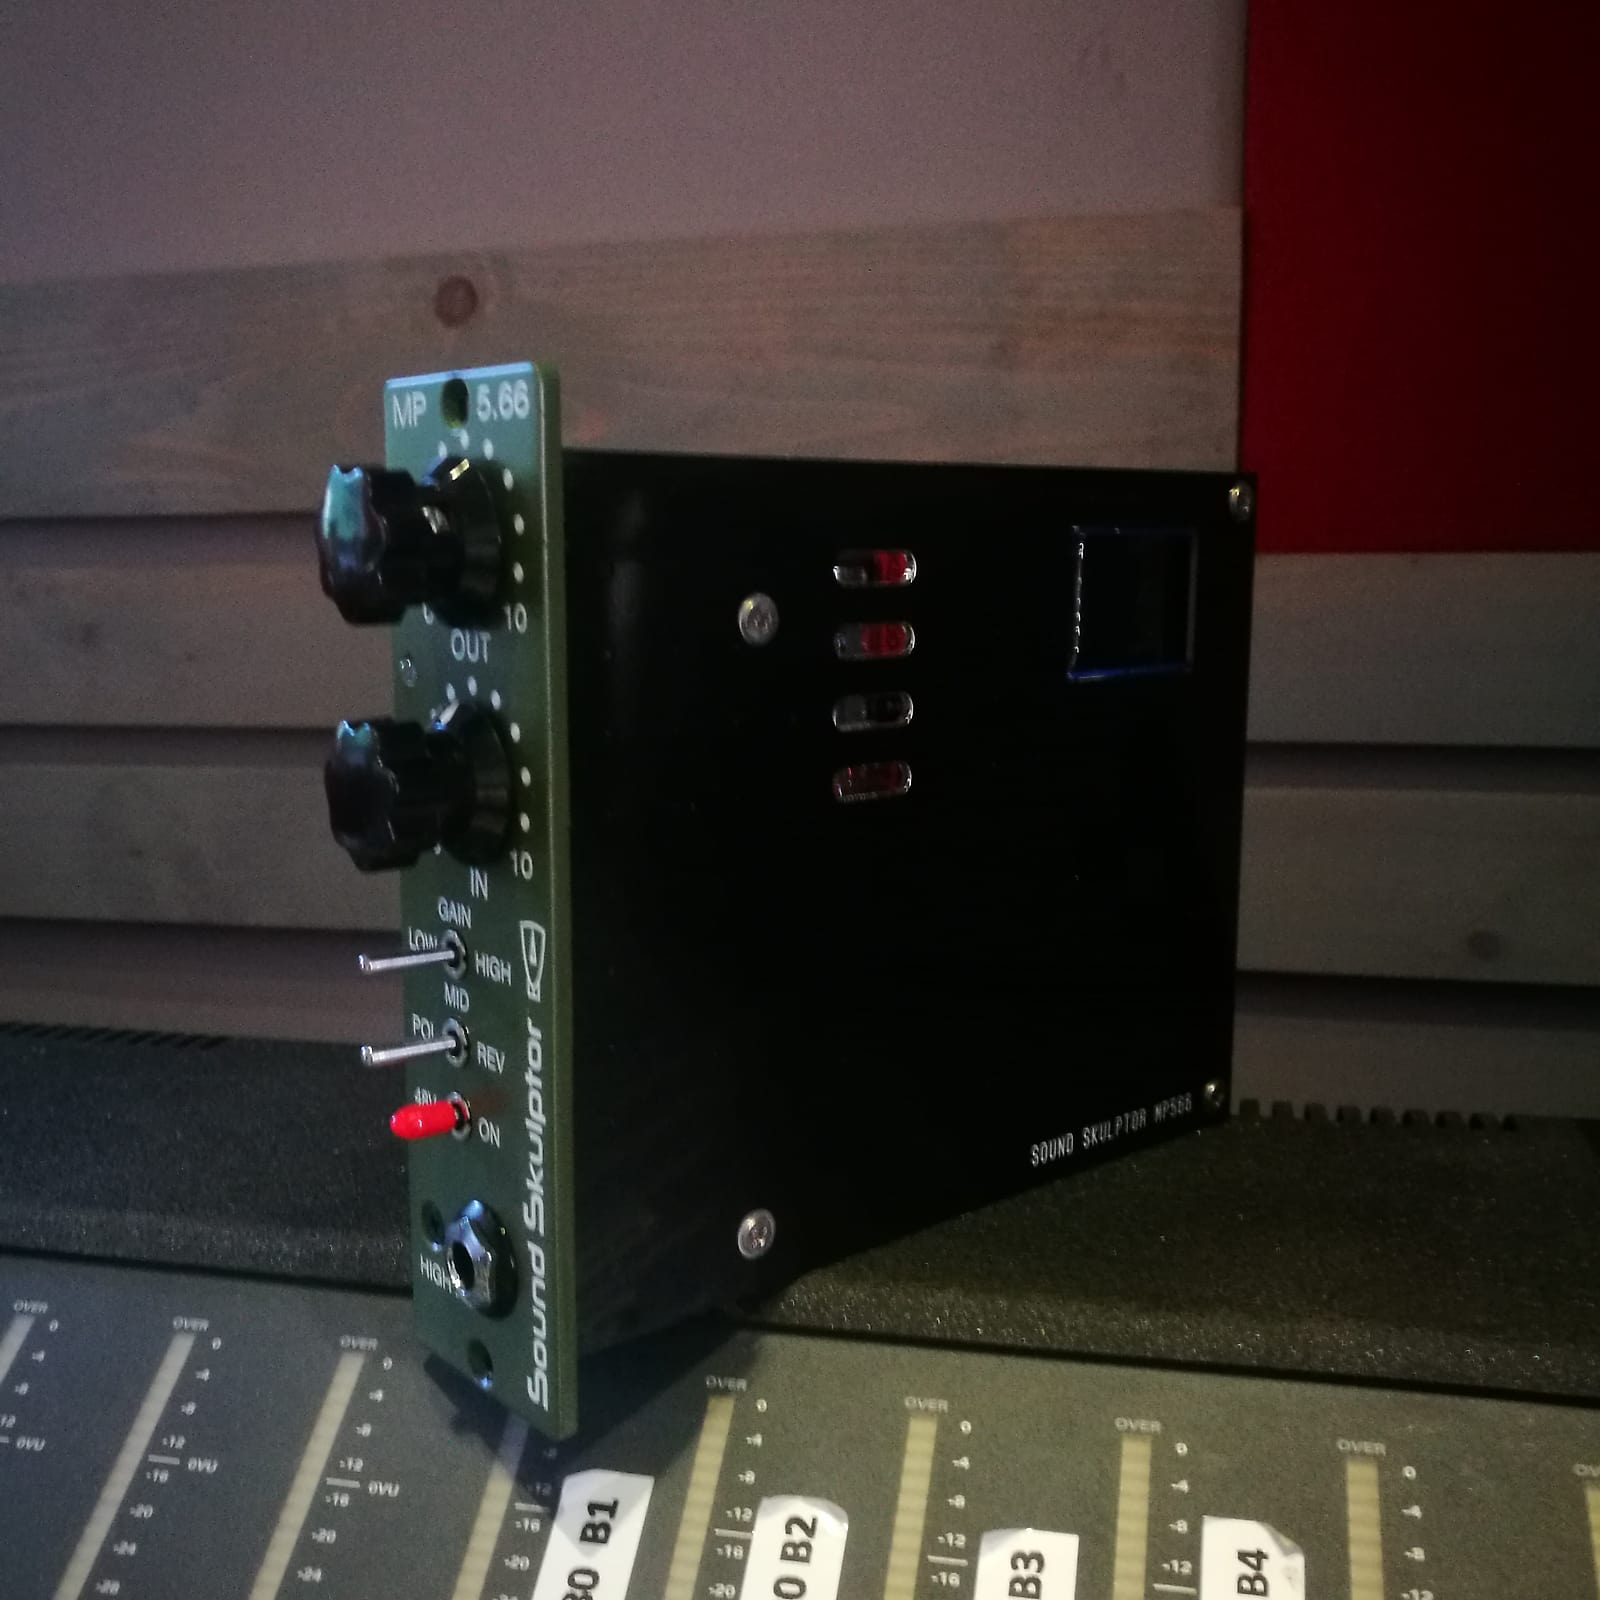 Sound Skulptor Mp566